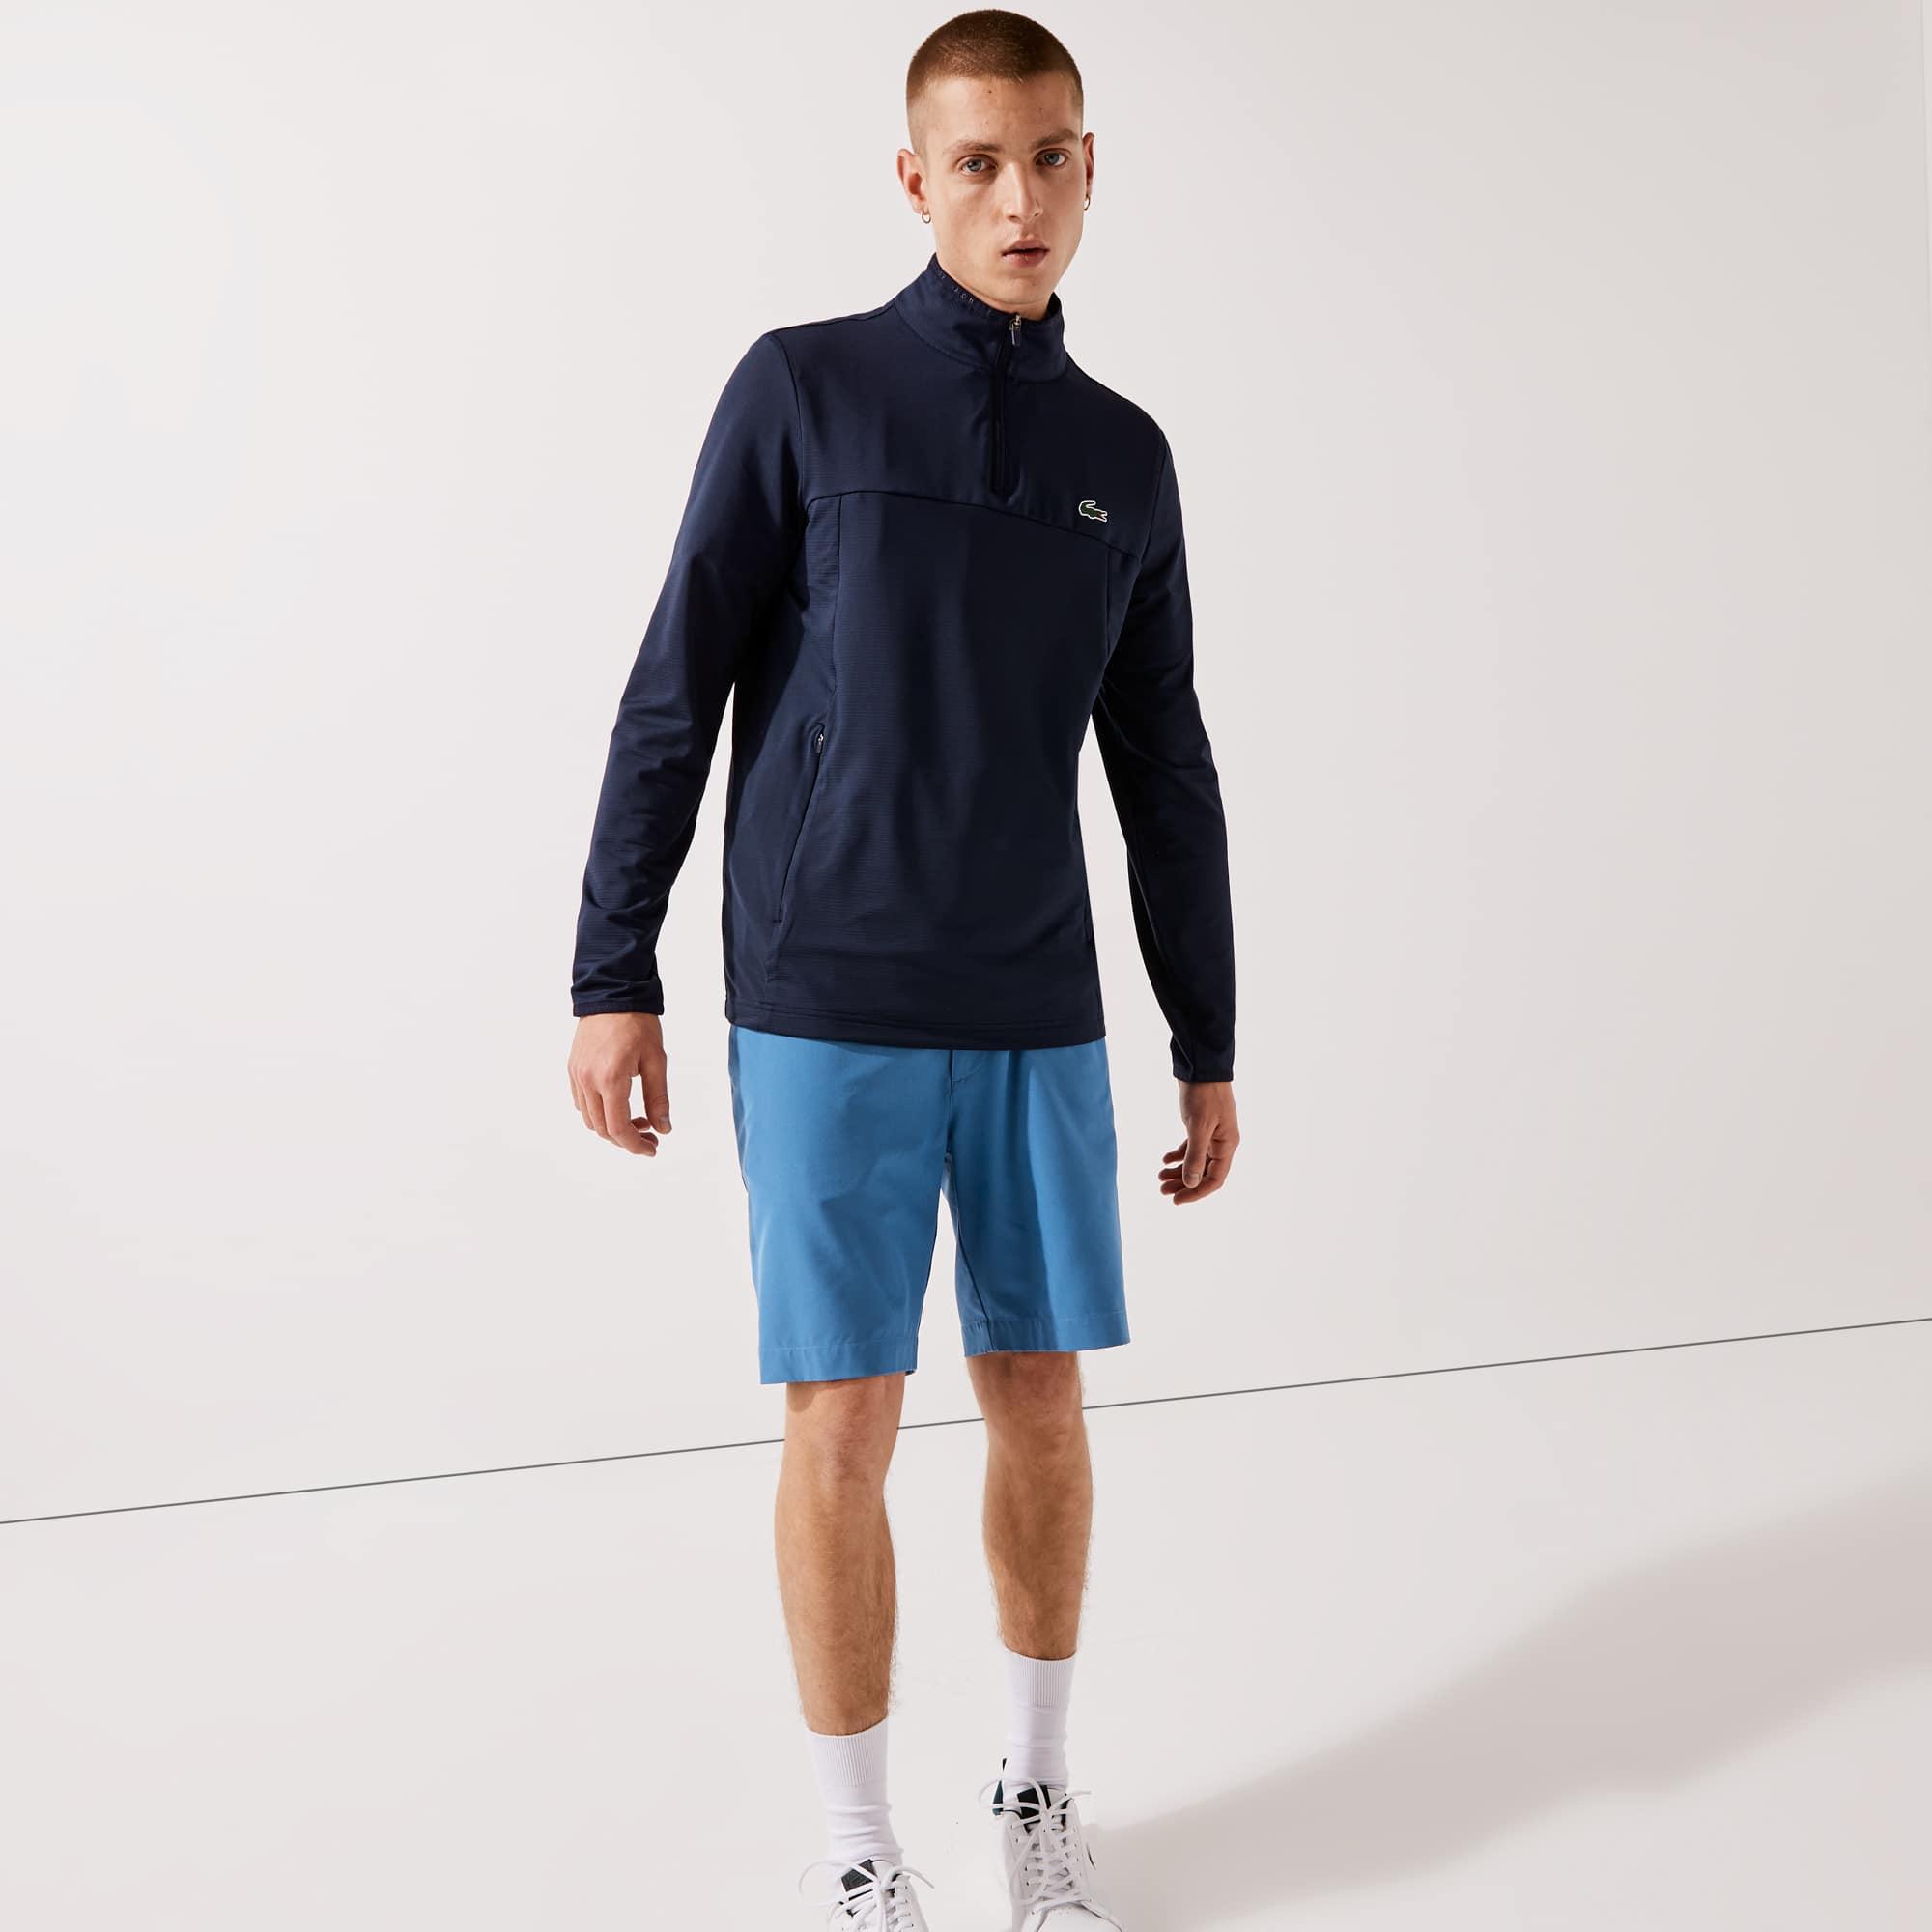 라코스테 맨 스포츠 맨투맨 Lacoste Mens SPORT Stretch Zippered Collar Sweatshirt